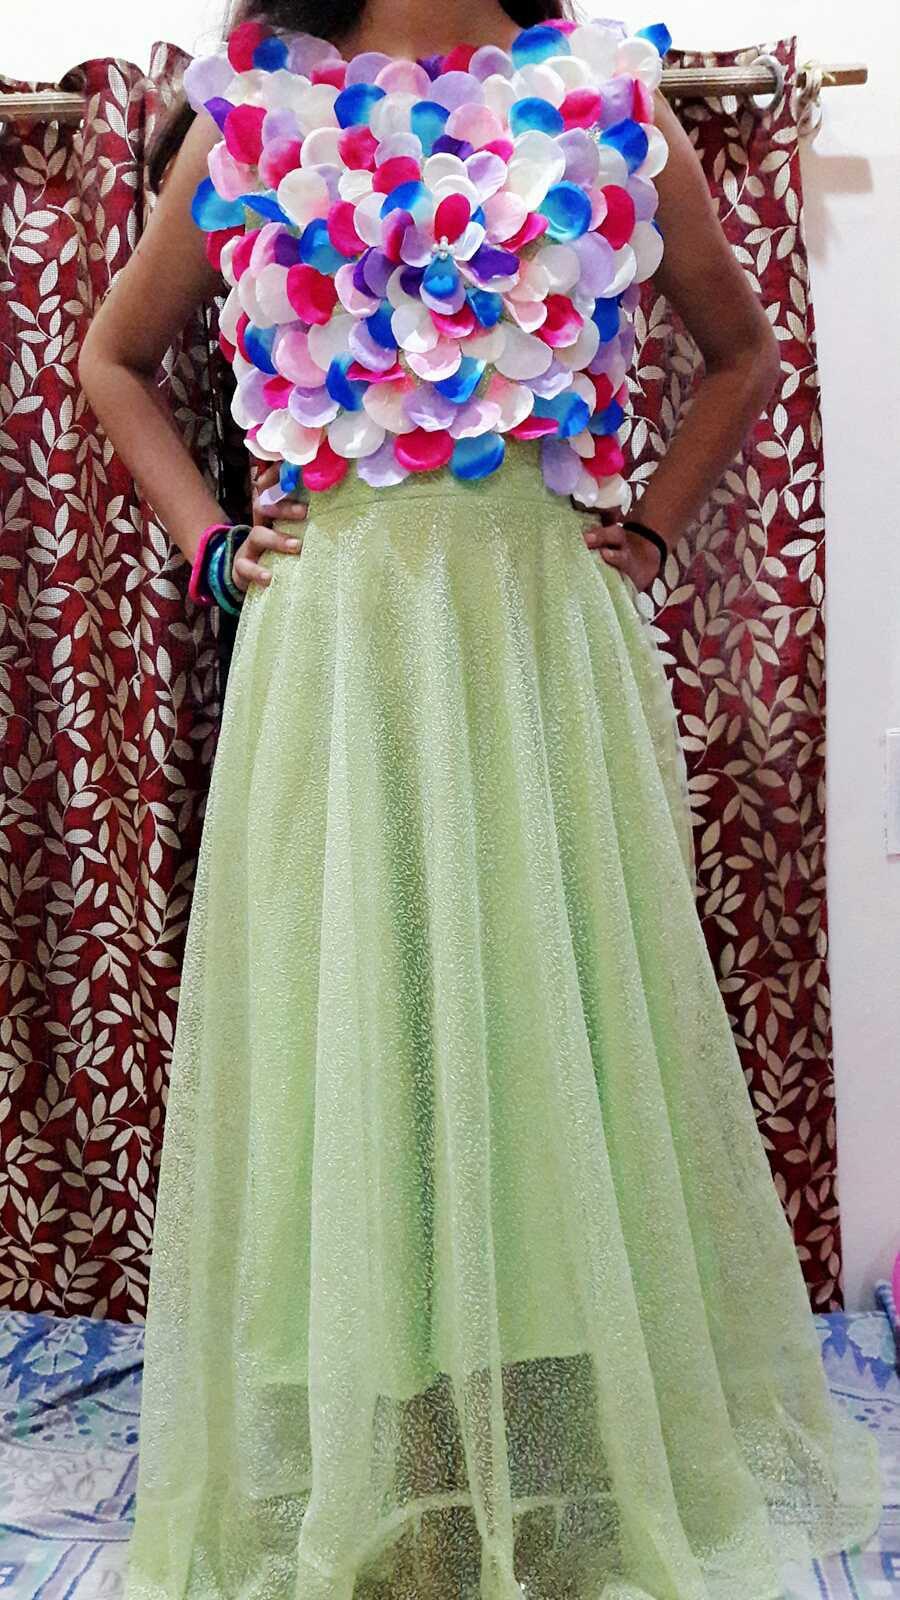 swati's design